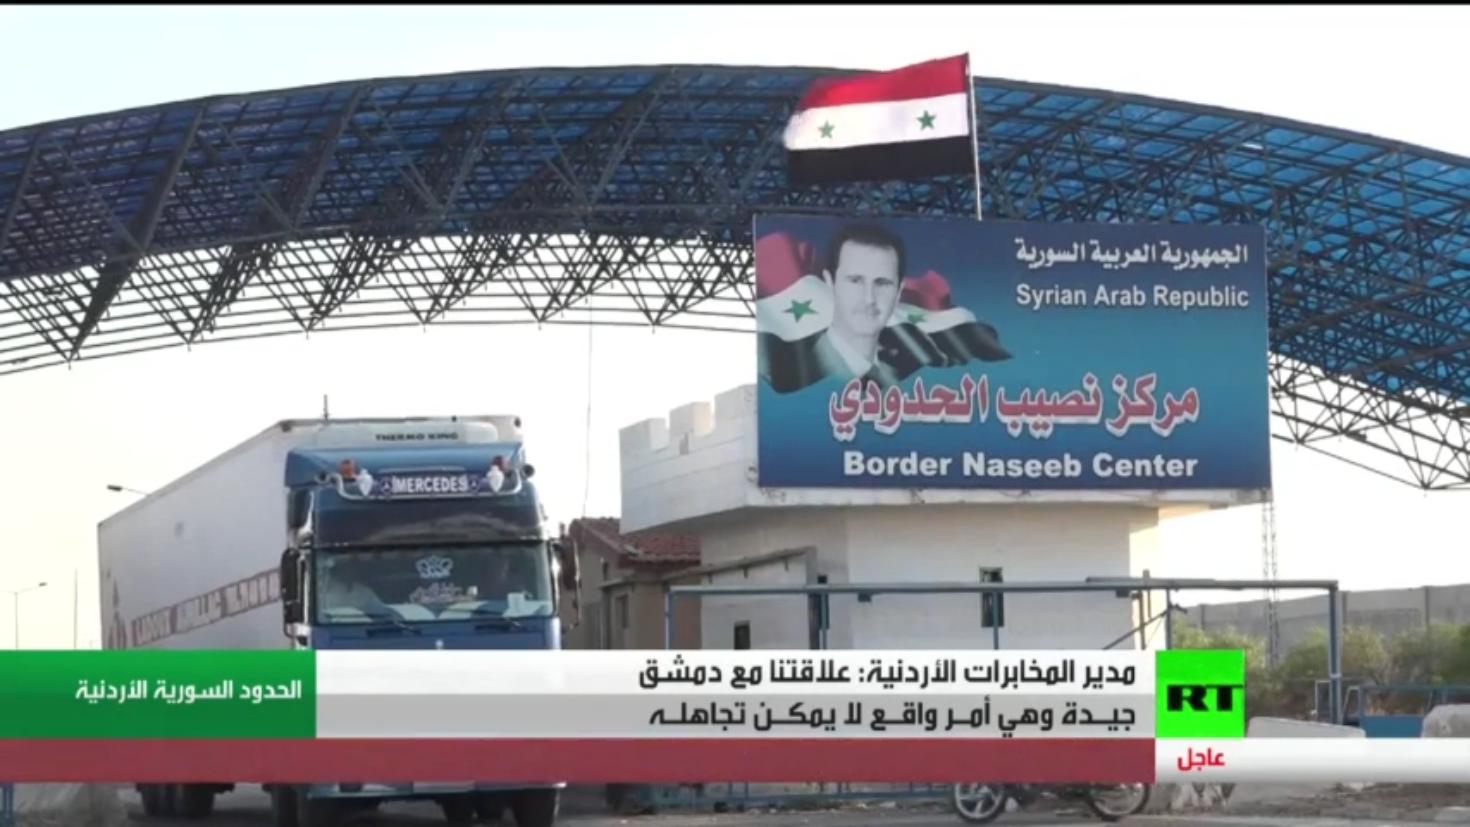 الأردن: علاقتنا مع سوريا أمر واقع